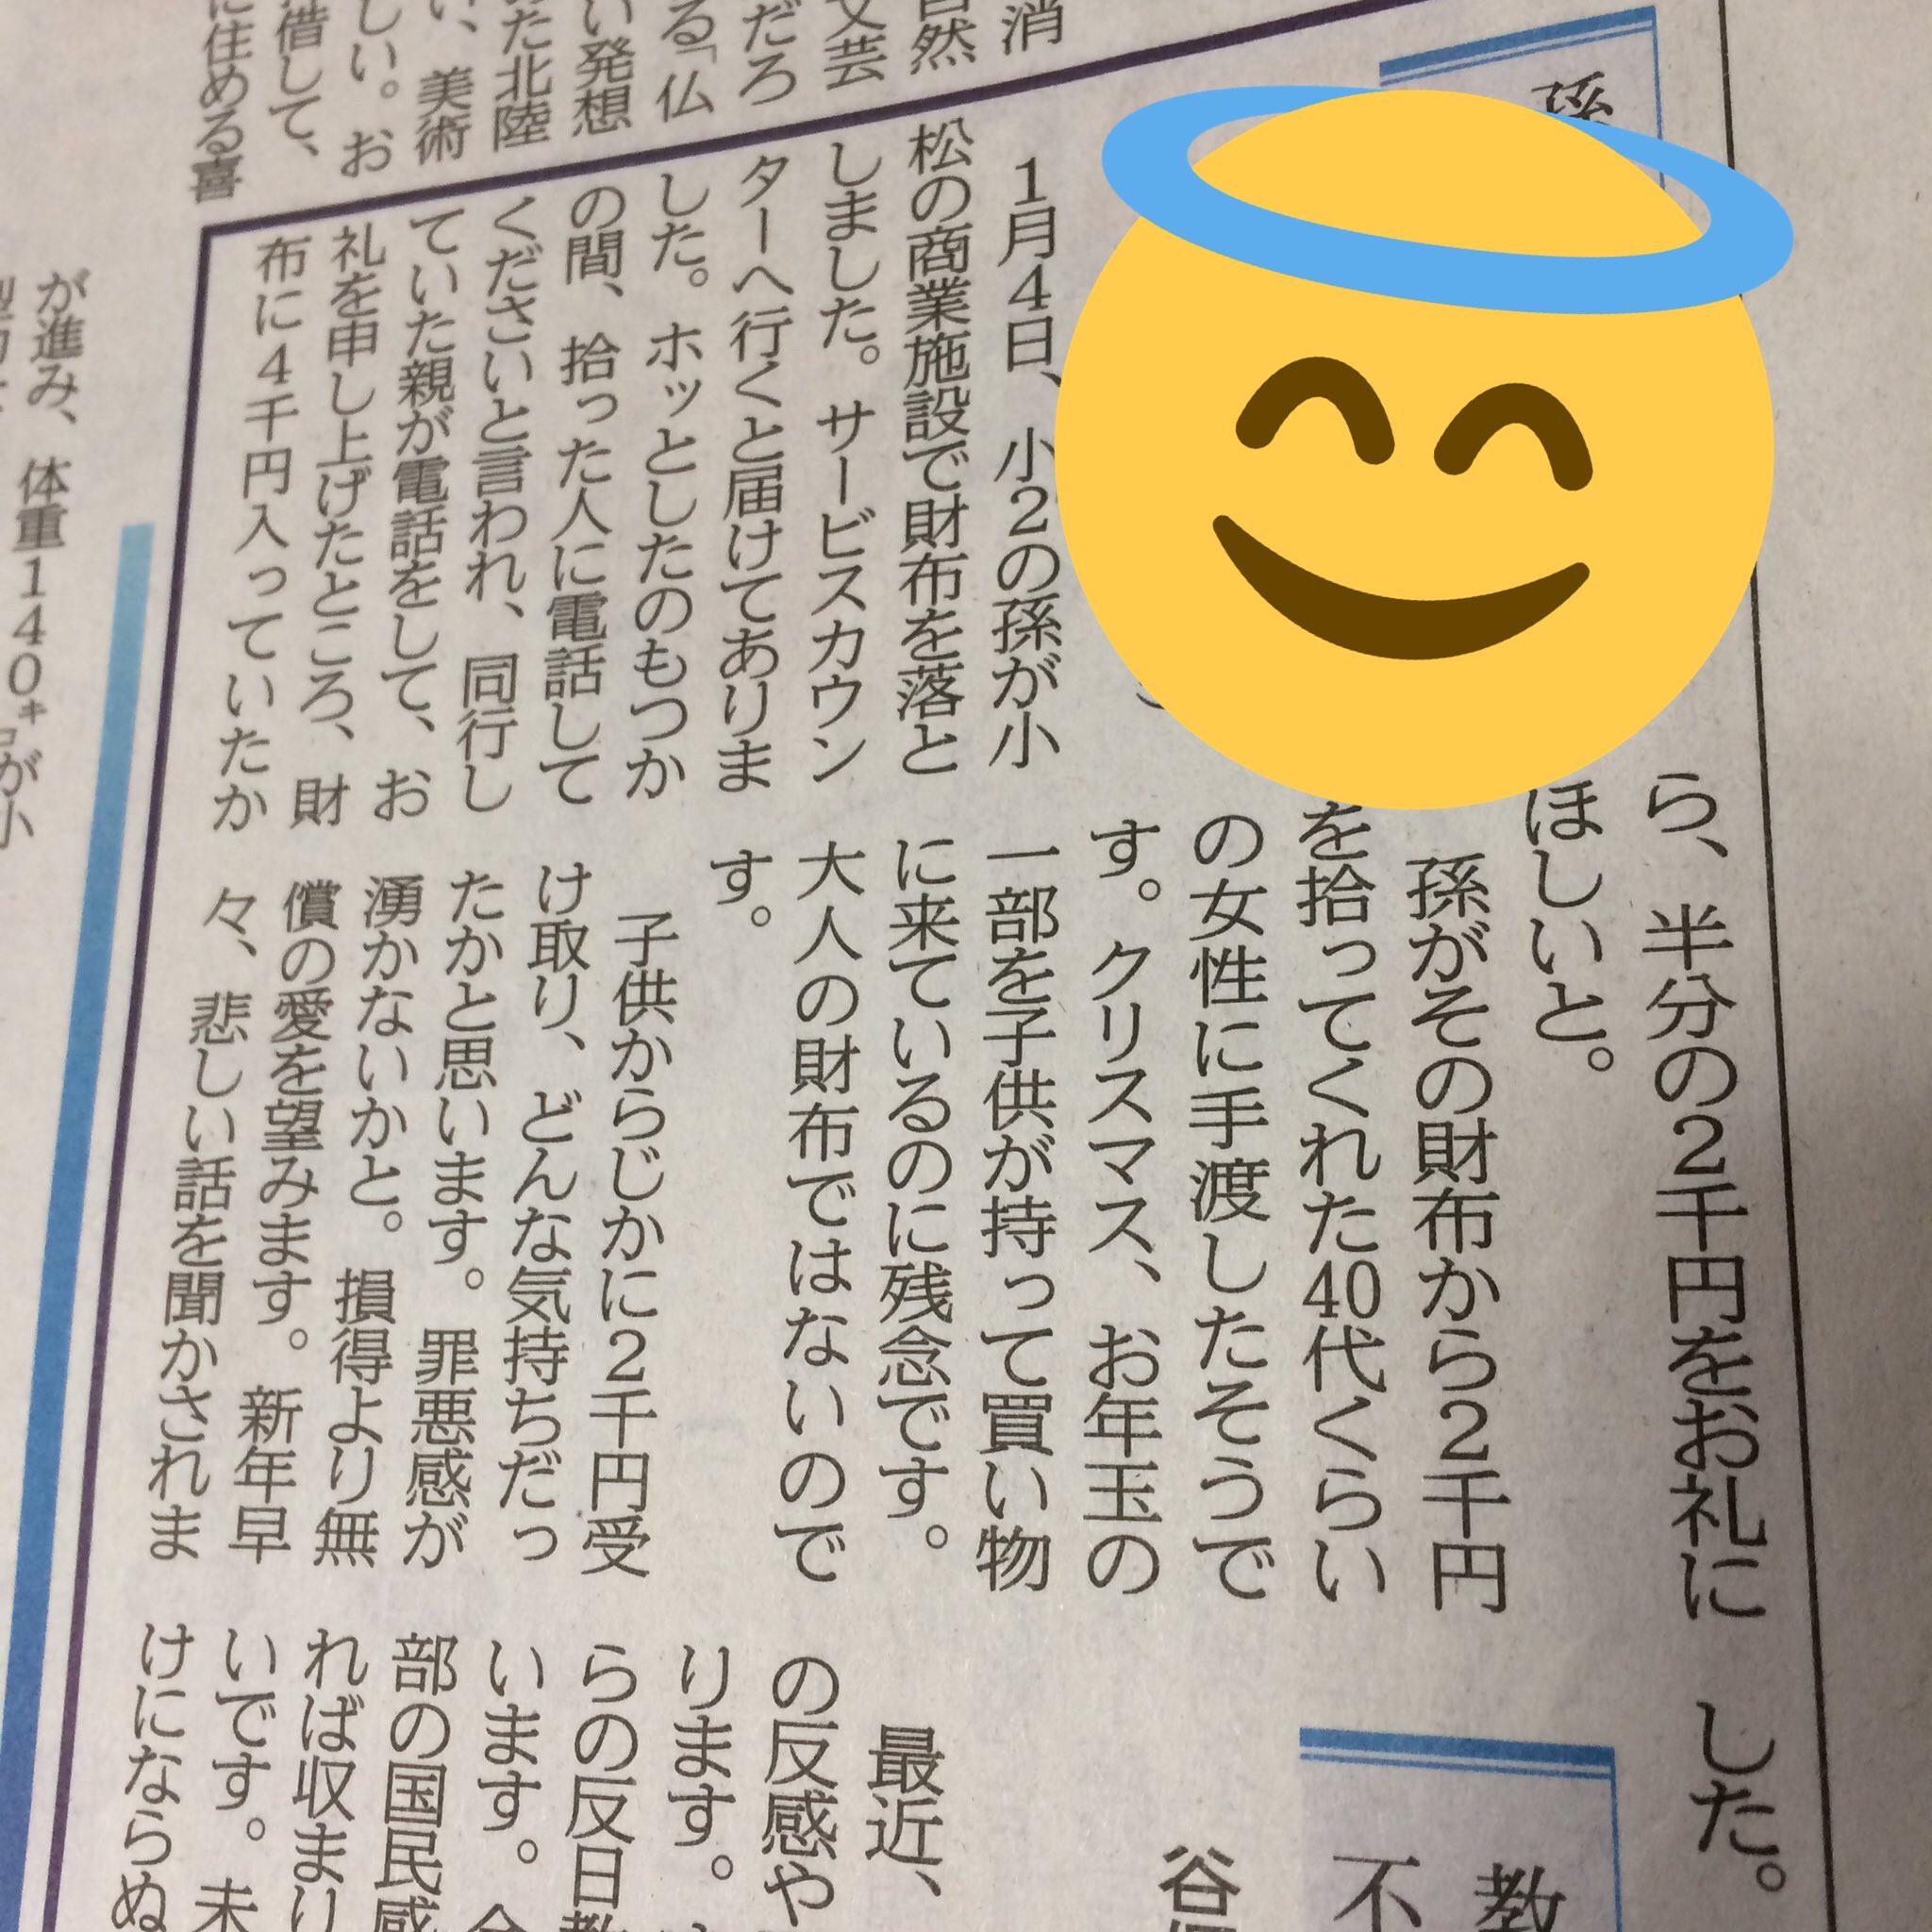 【悲報】40代女子「中身4千円の子供の財布拾ってあげたから謝礼としてその中から2千円欲しい」